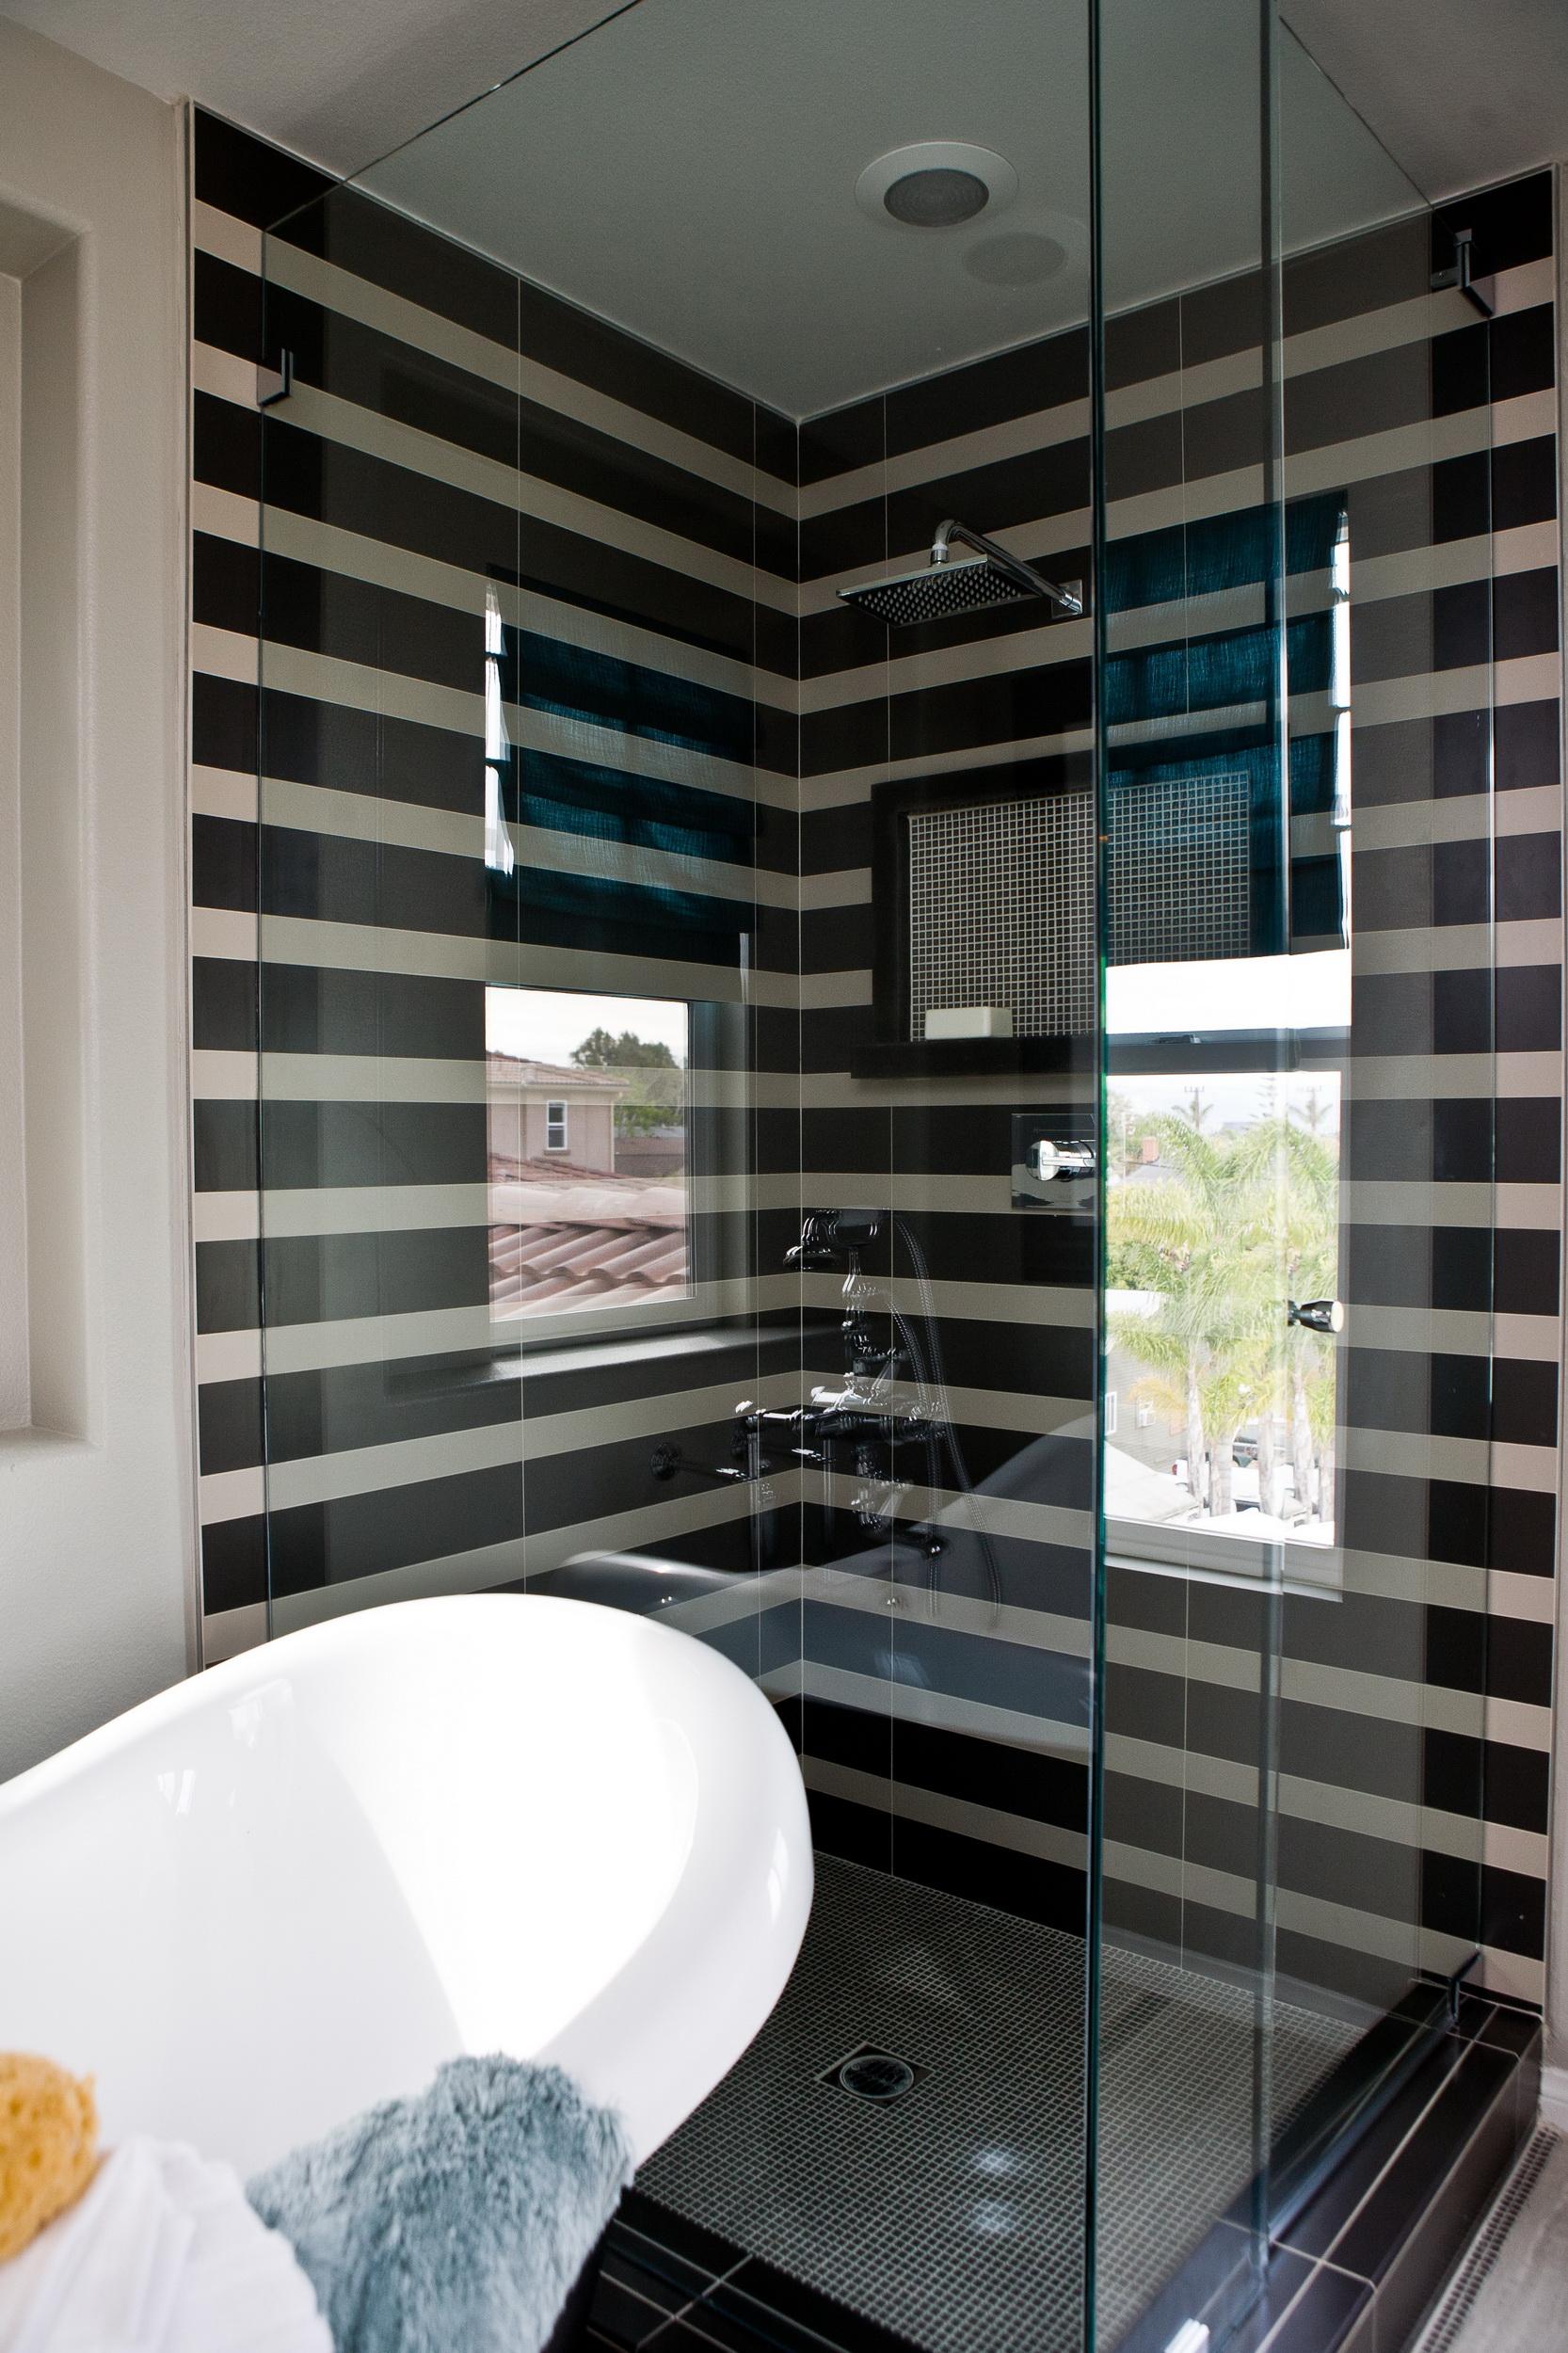 Интерьер ванной комнаты. Стеклянные стенки душевой кабины. Черные полоски на стенах.